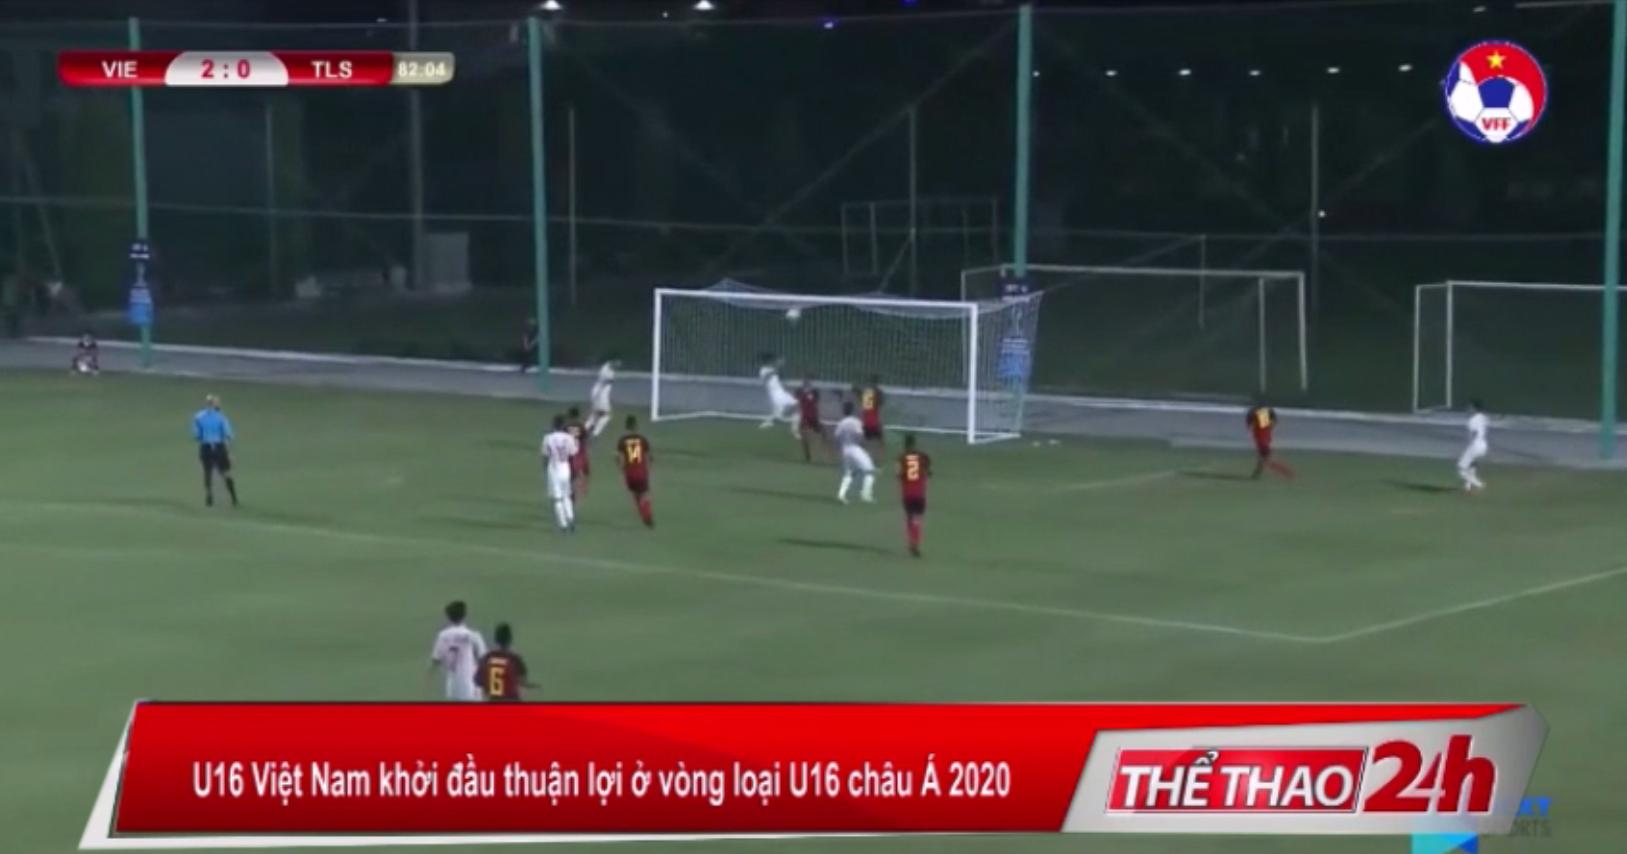 U16 Việt Nam khởi đầu thuận lợi ở vòng loại U16 châu Á 2020